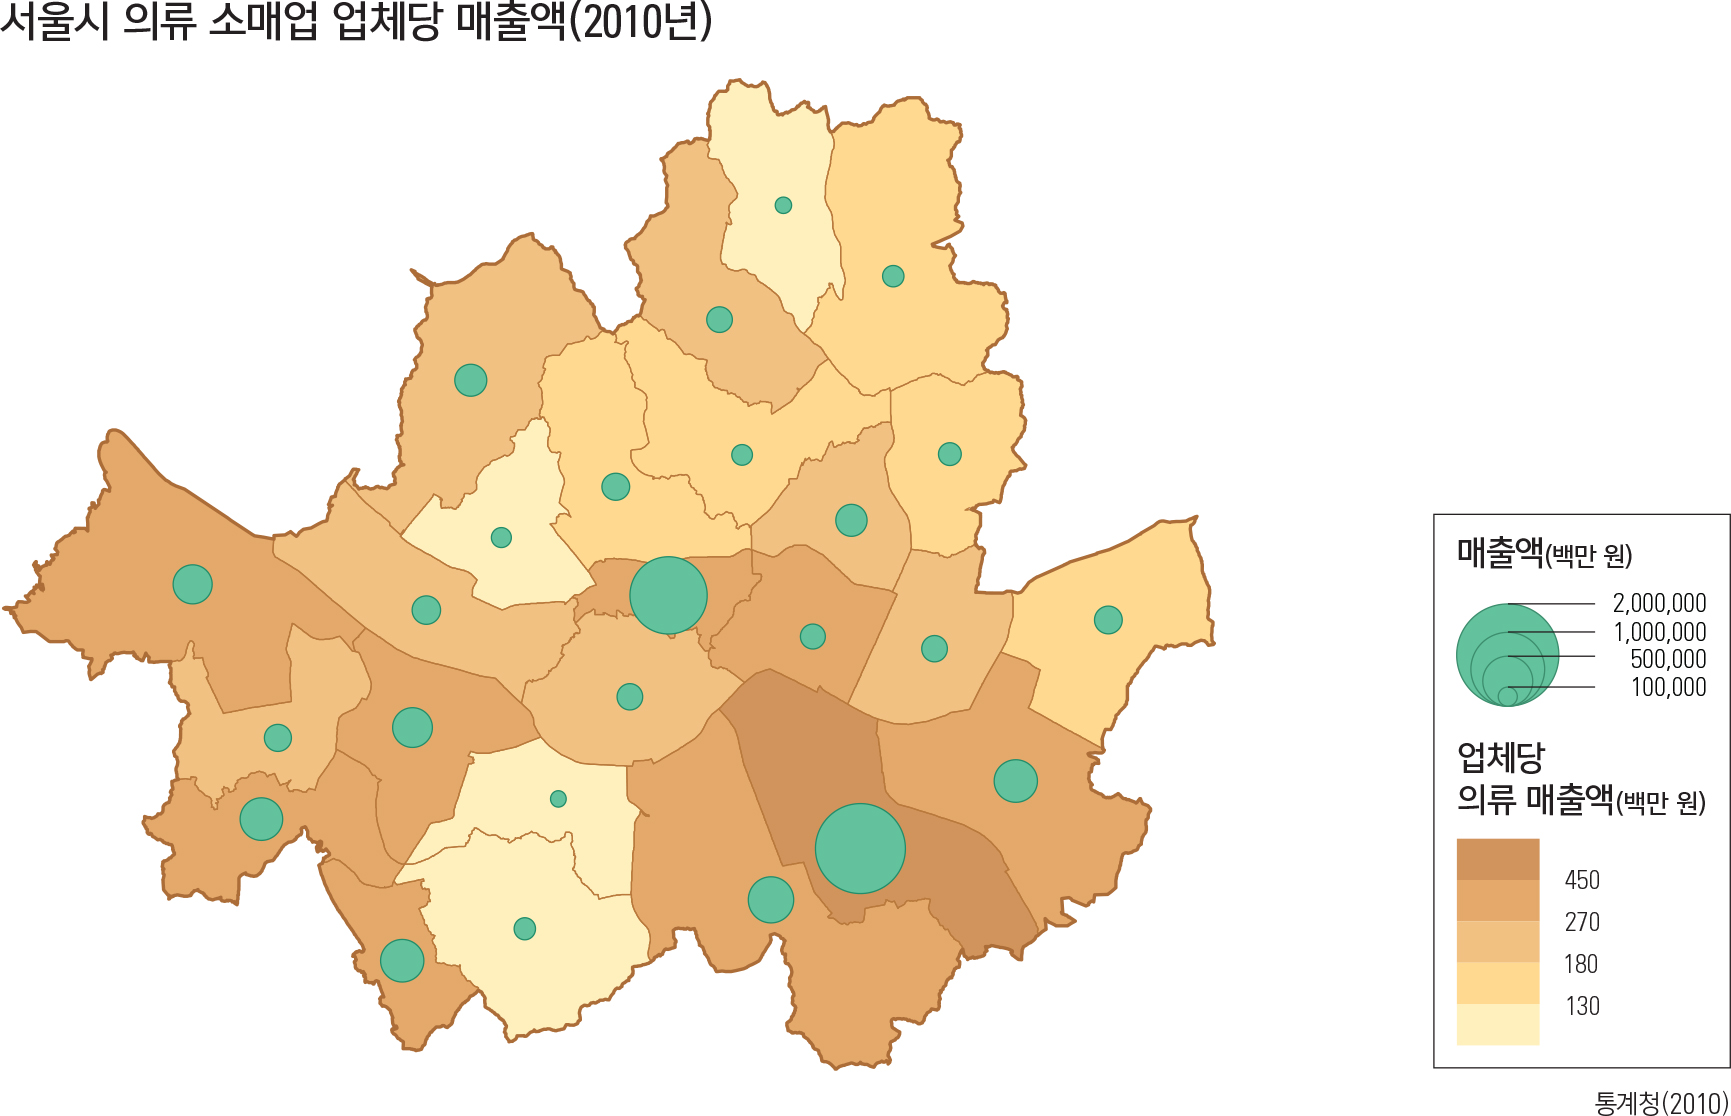 서울시 의류 소매업 업체당 매출액(2010년)